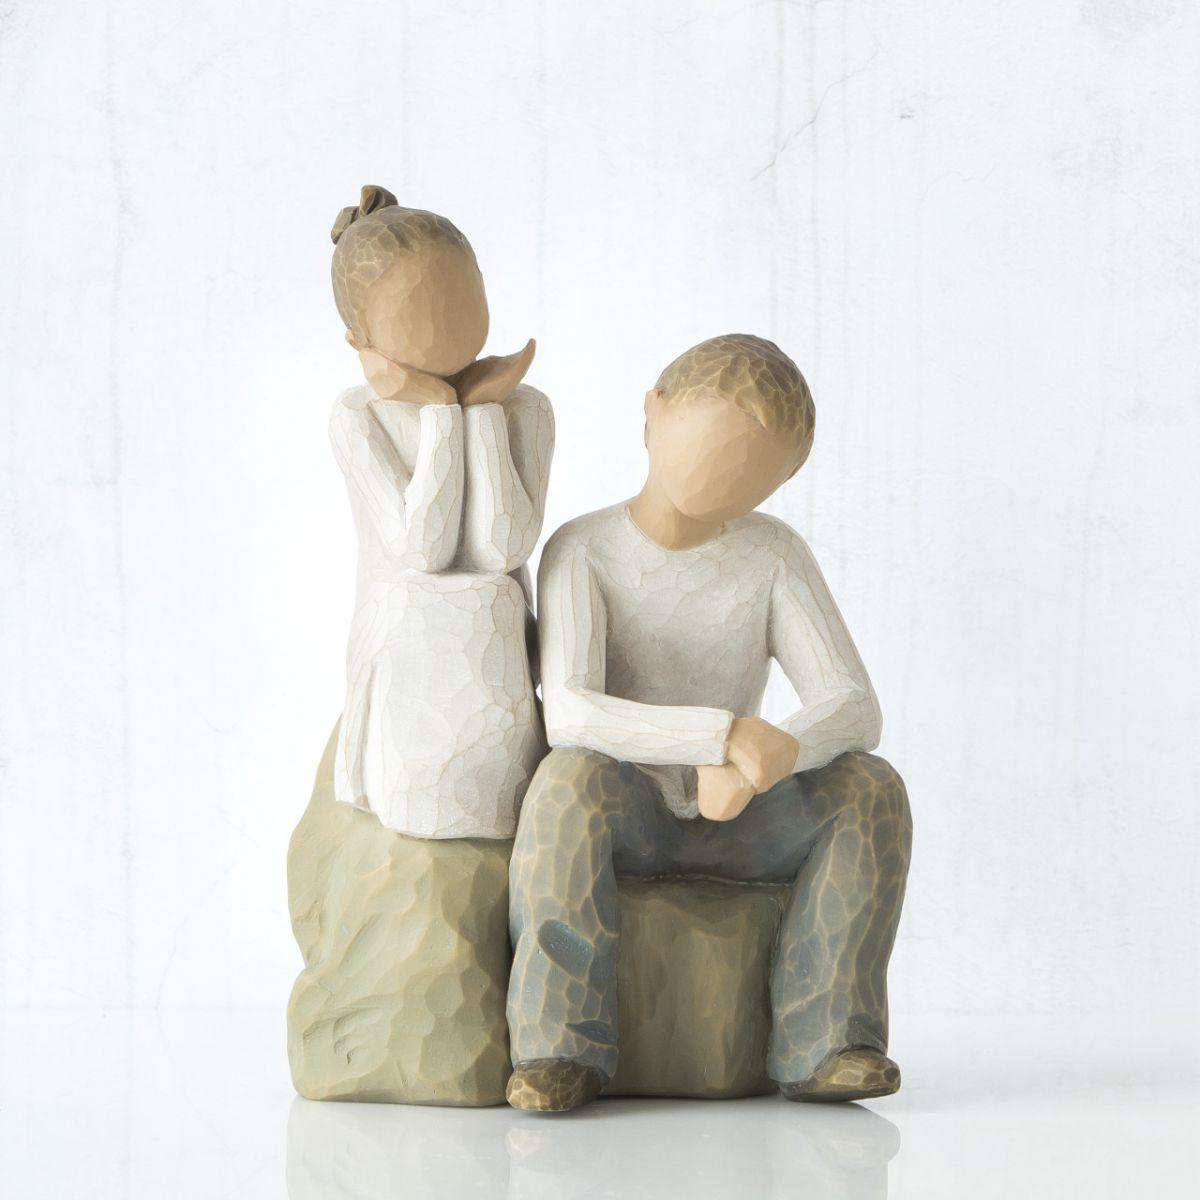 ウィローツリー彫像 【Brother and Sister】 - 兄弟姉妹